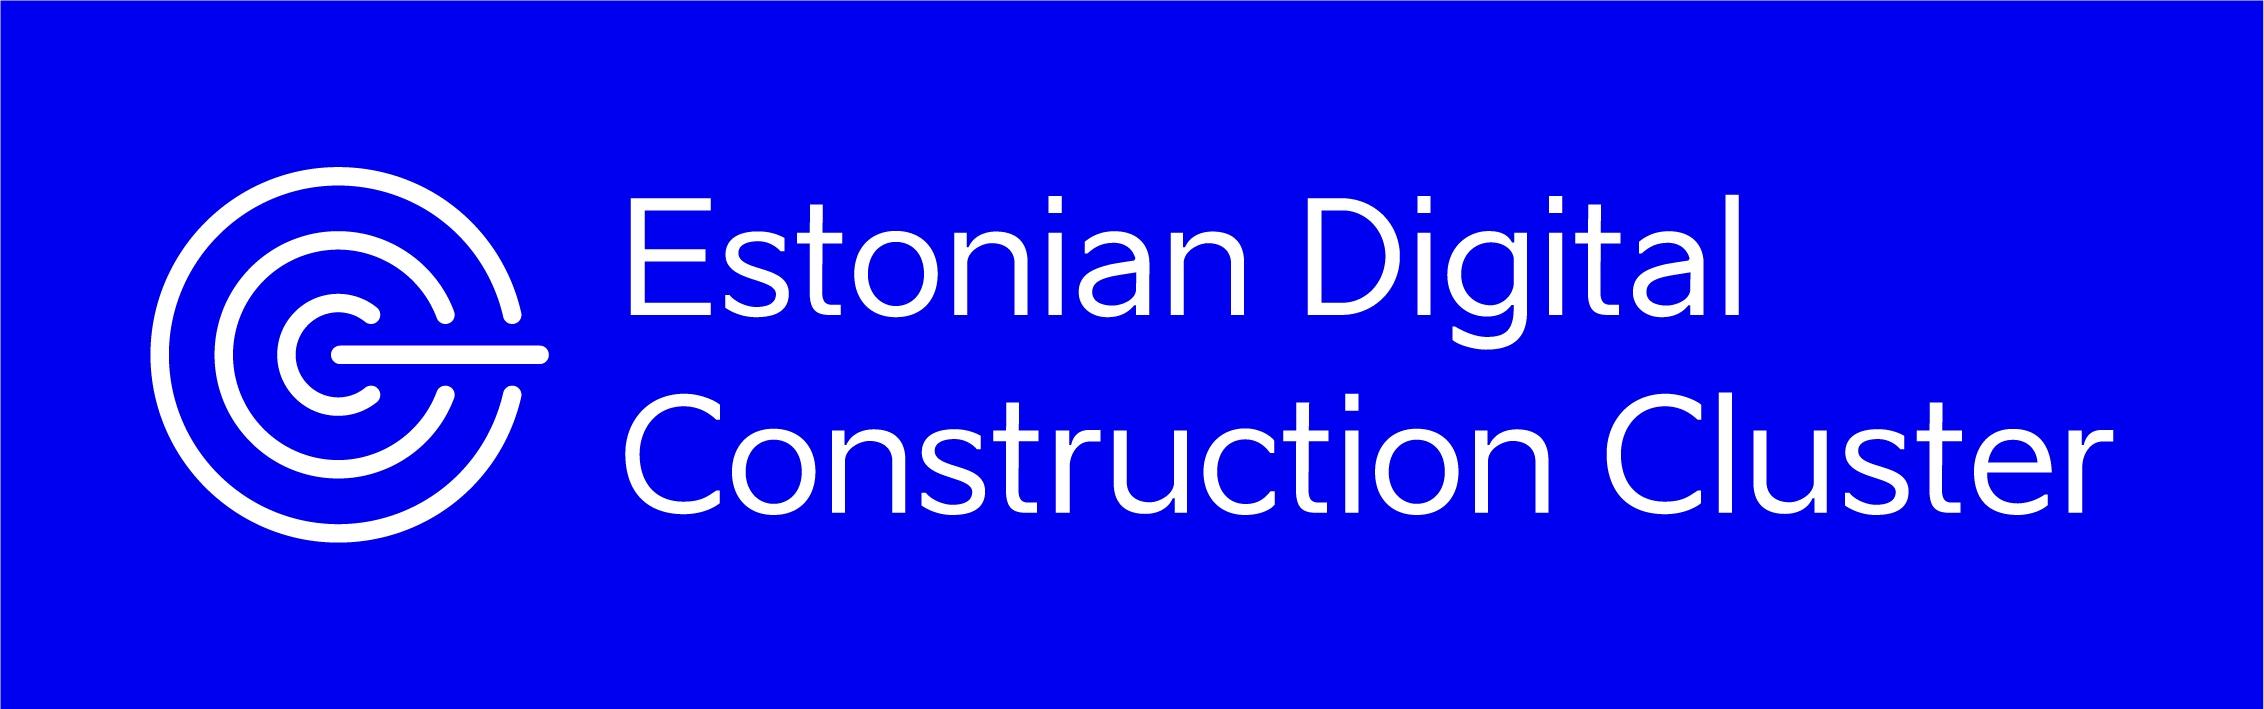 Estonian Digital Construction Cluster